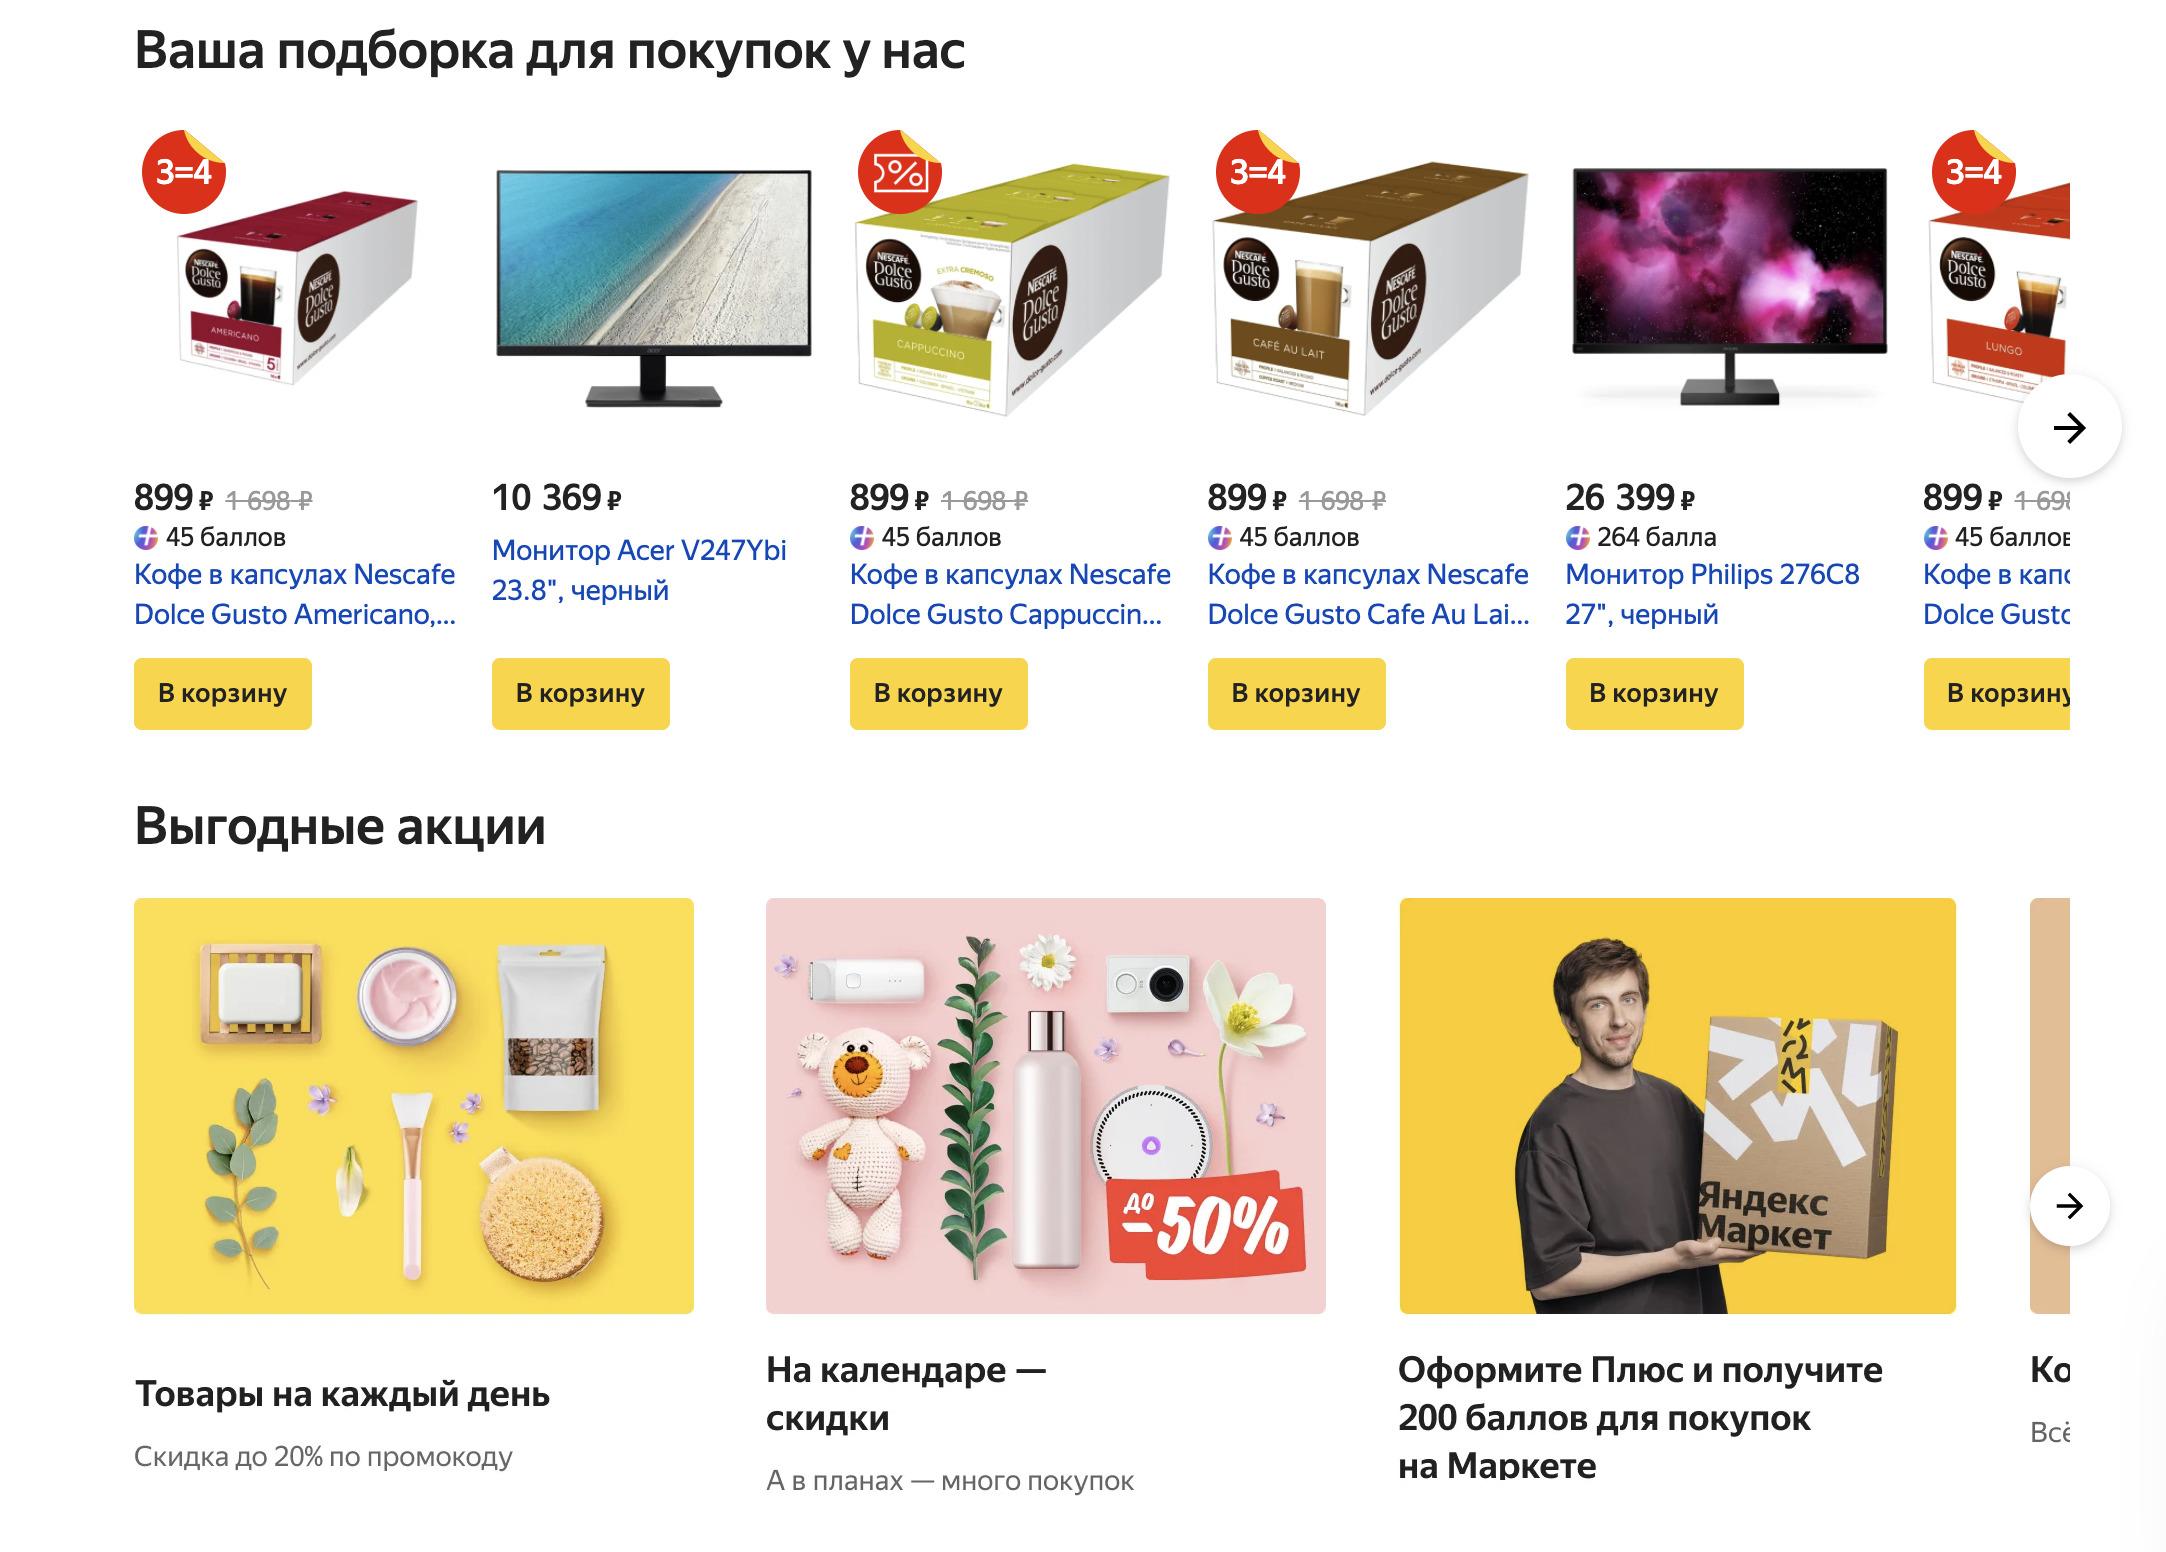 Доставка из Яндекс.Маркет в Павлово, сроки, пункты выдачи, каталог